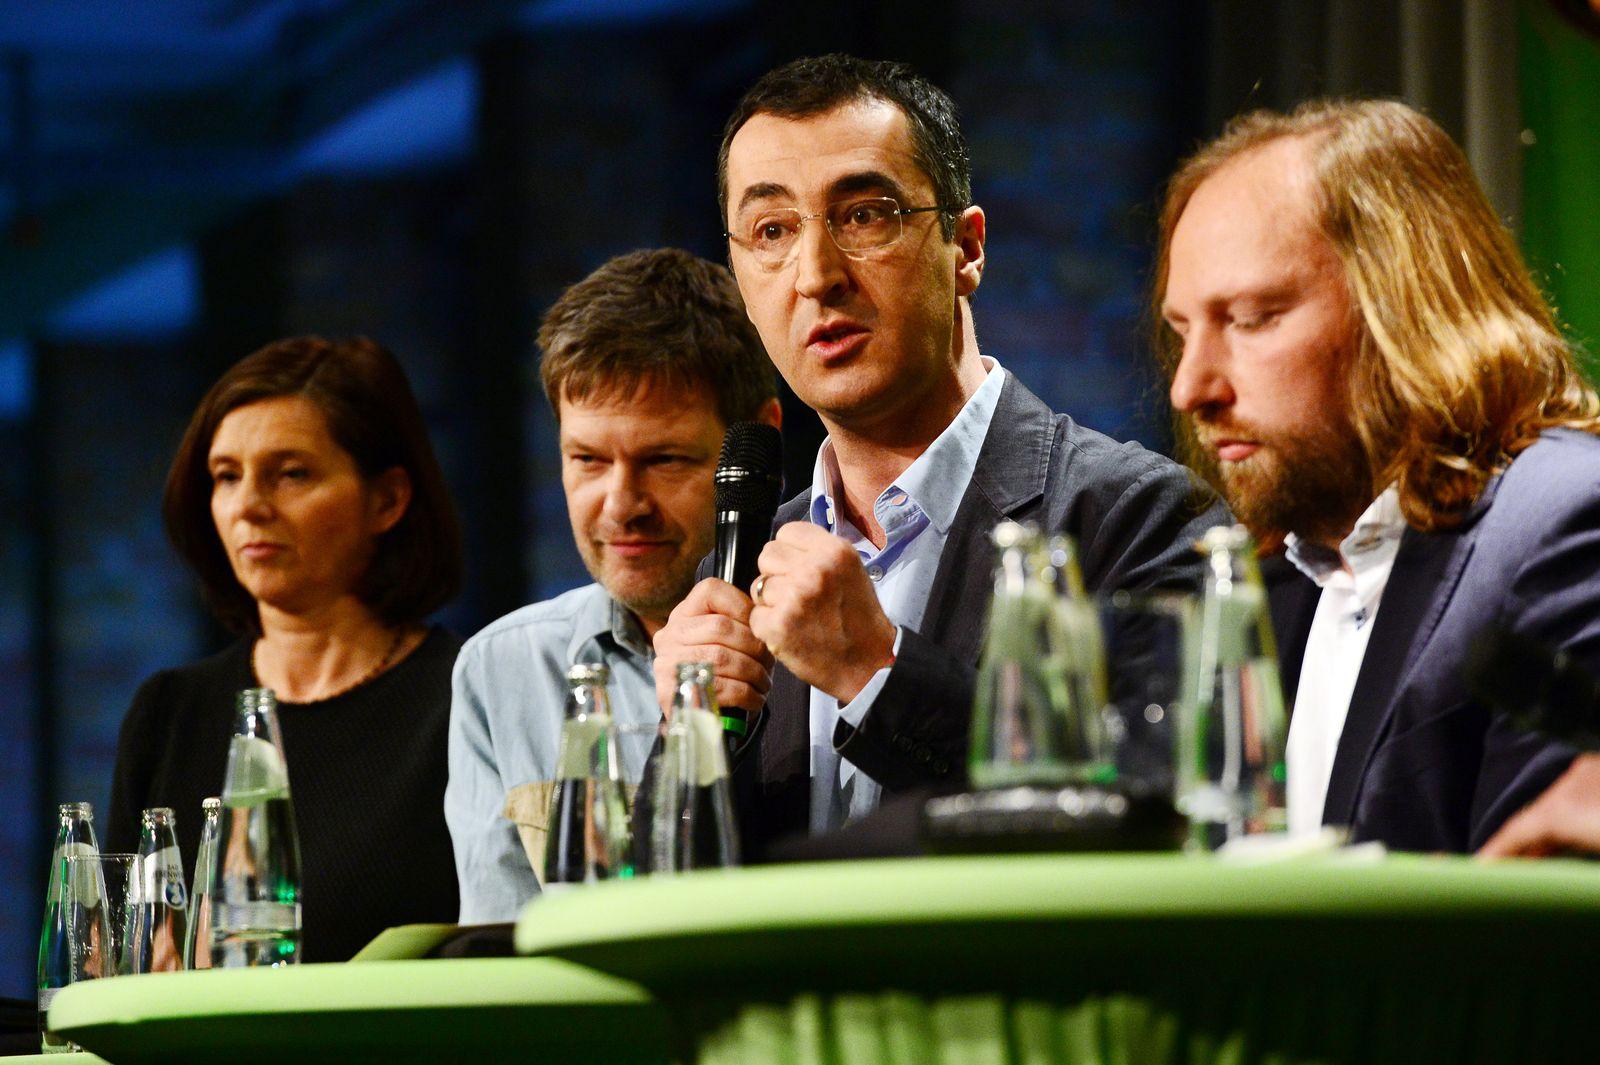 Schaulaufen für die Urwahl der grünen Spitzenkandidaten